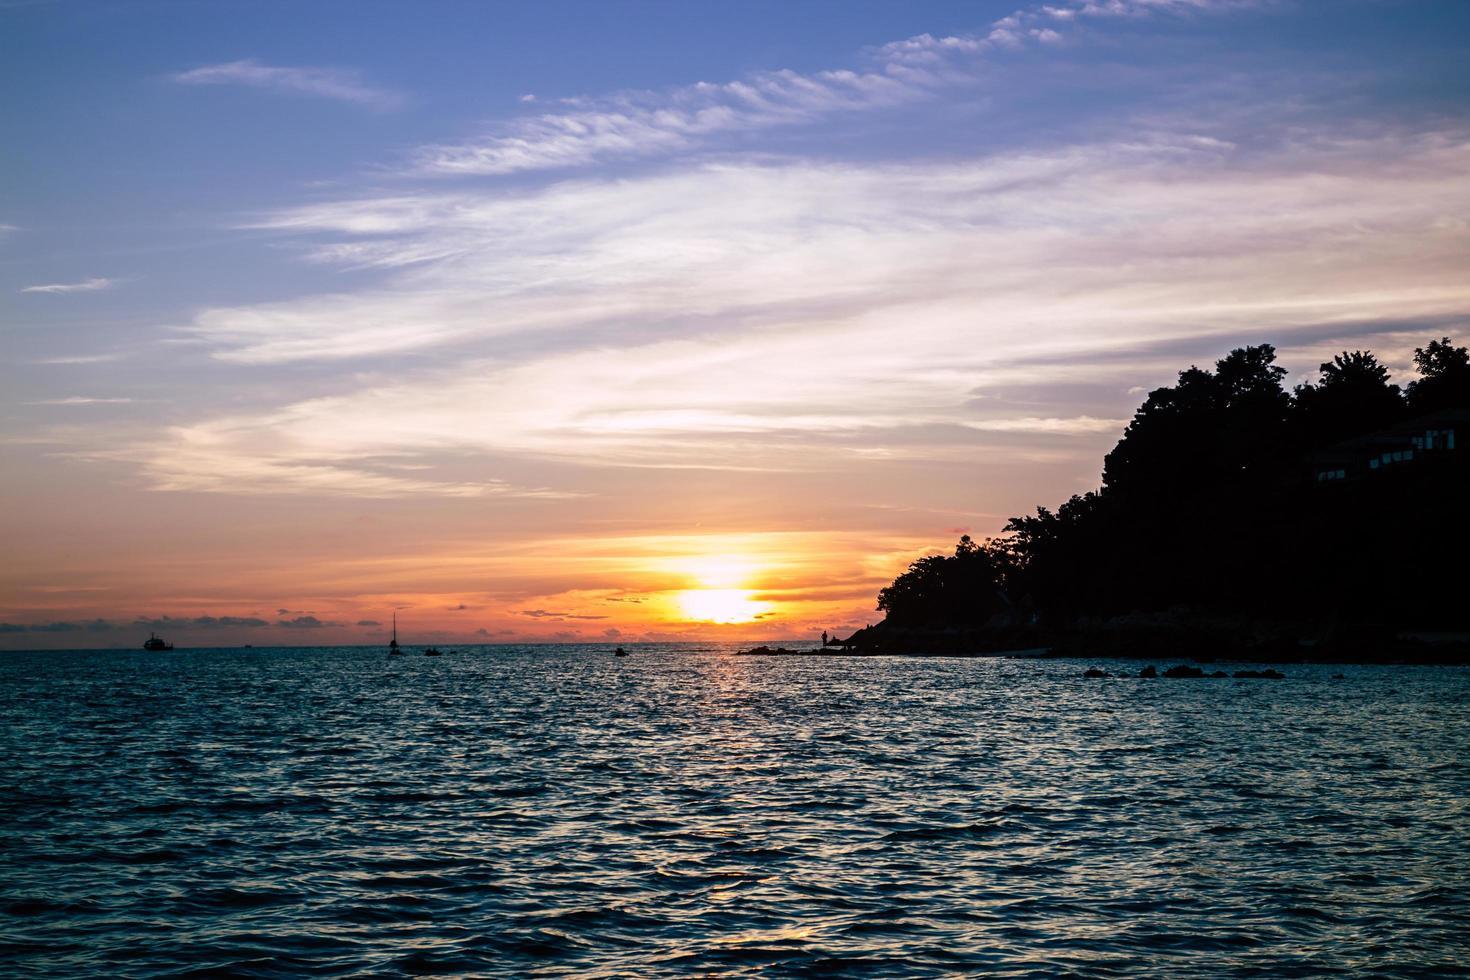 coucher de soleil doré. Koh Lipe étourdit la Thaïlande. photo